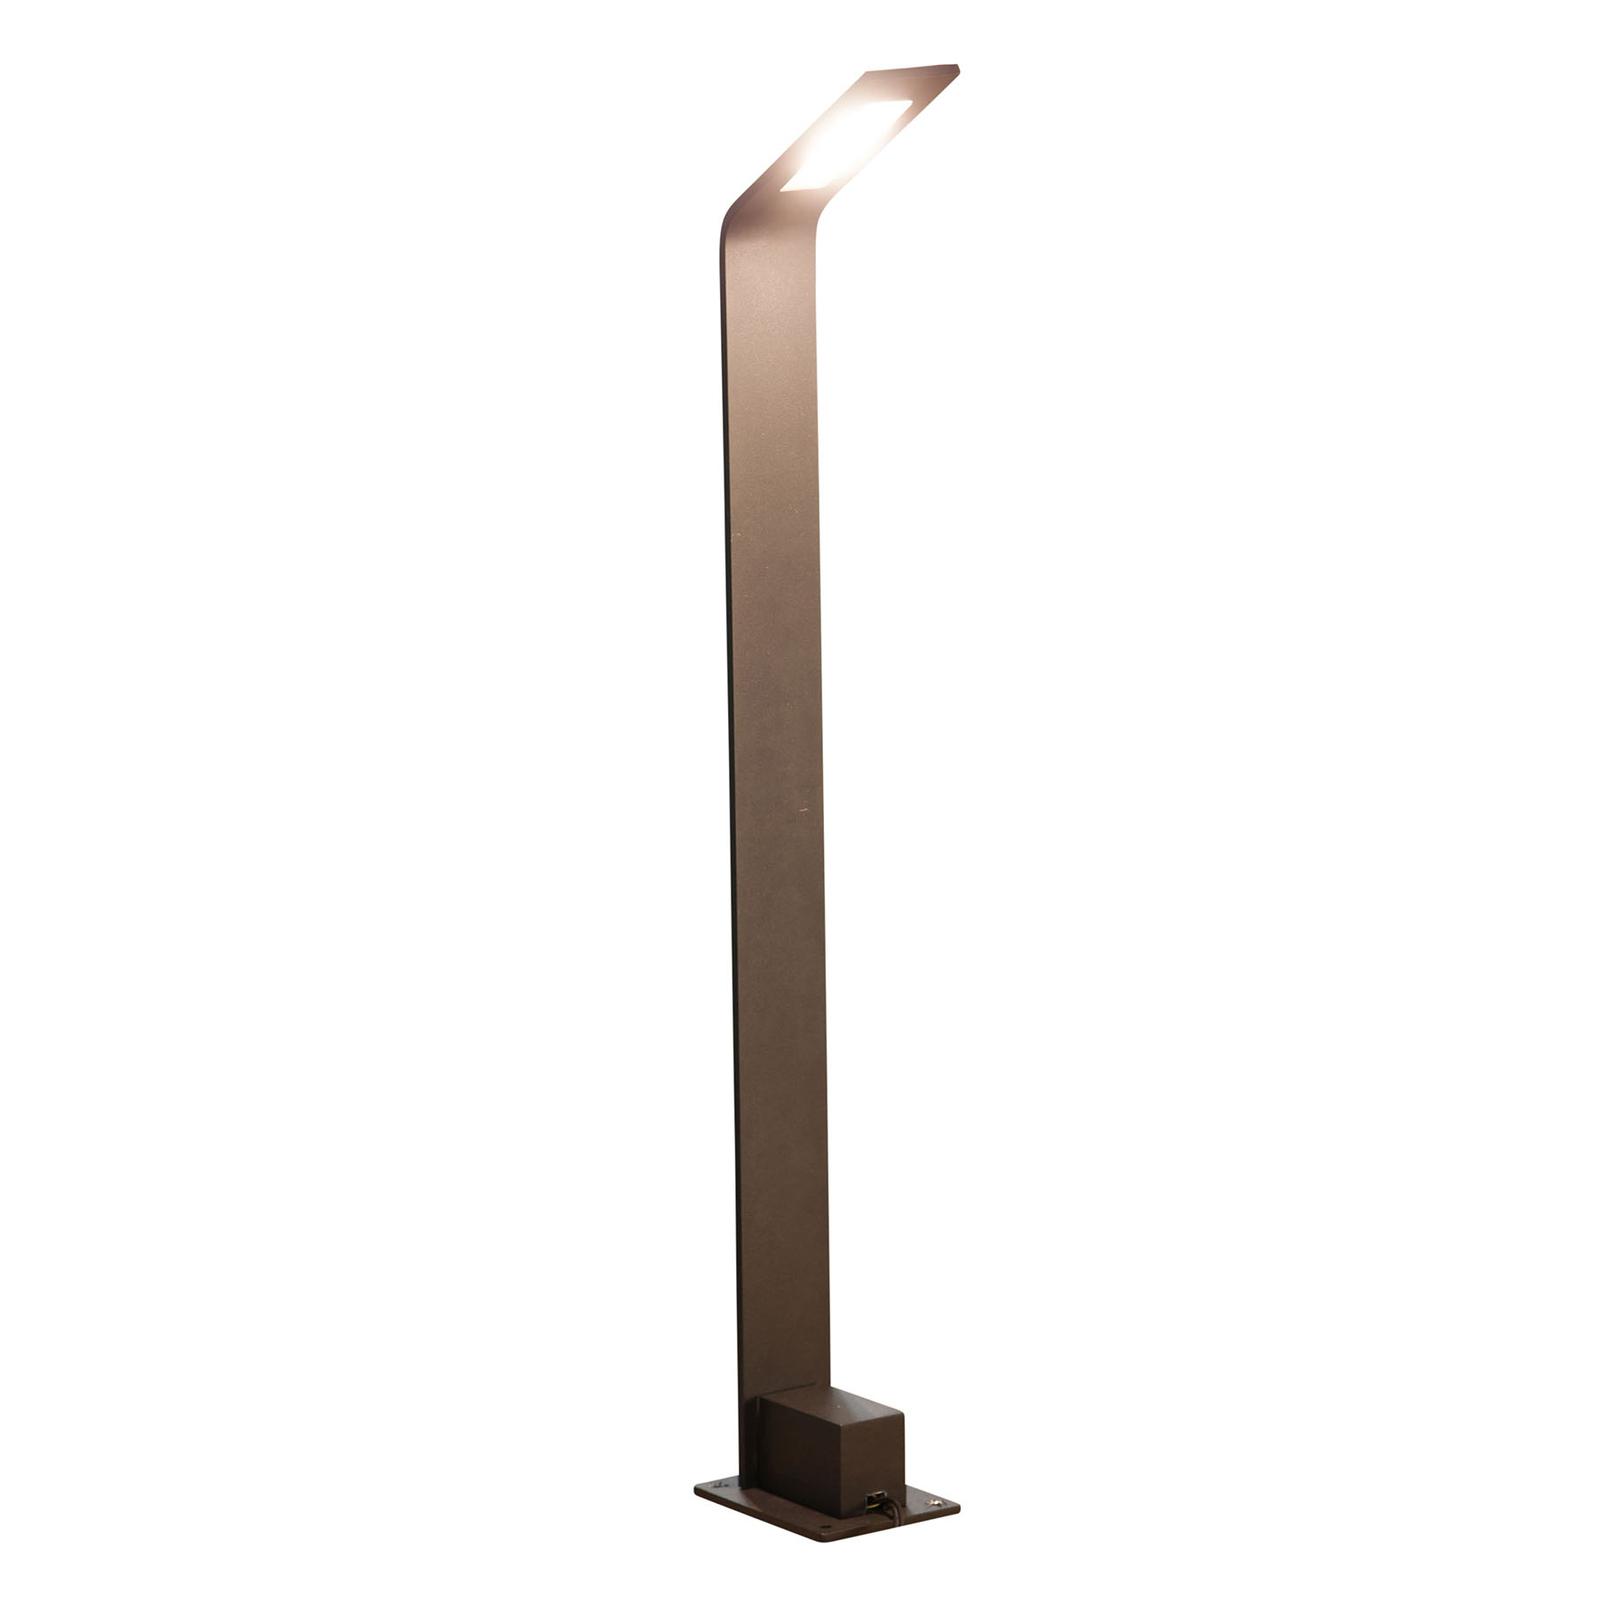 HEISSNER SMART LIGHTS gatelampe, antrasitt, 75 cm